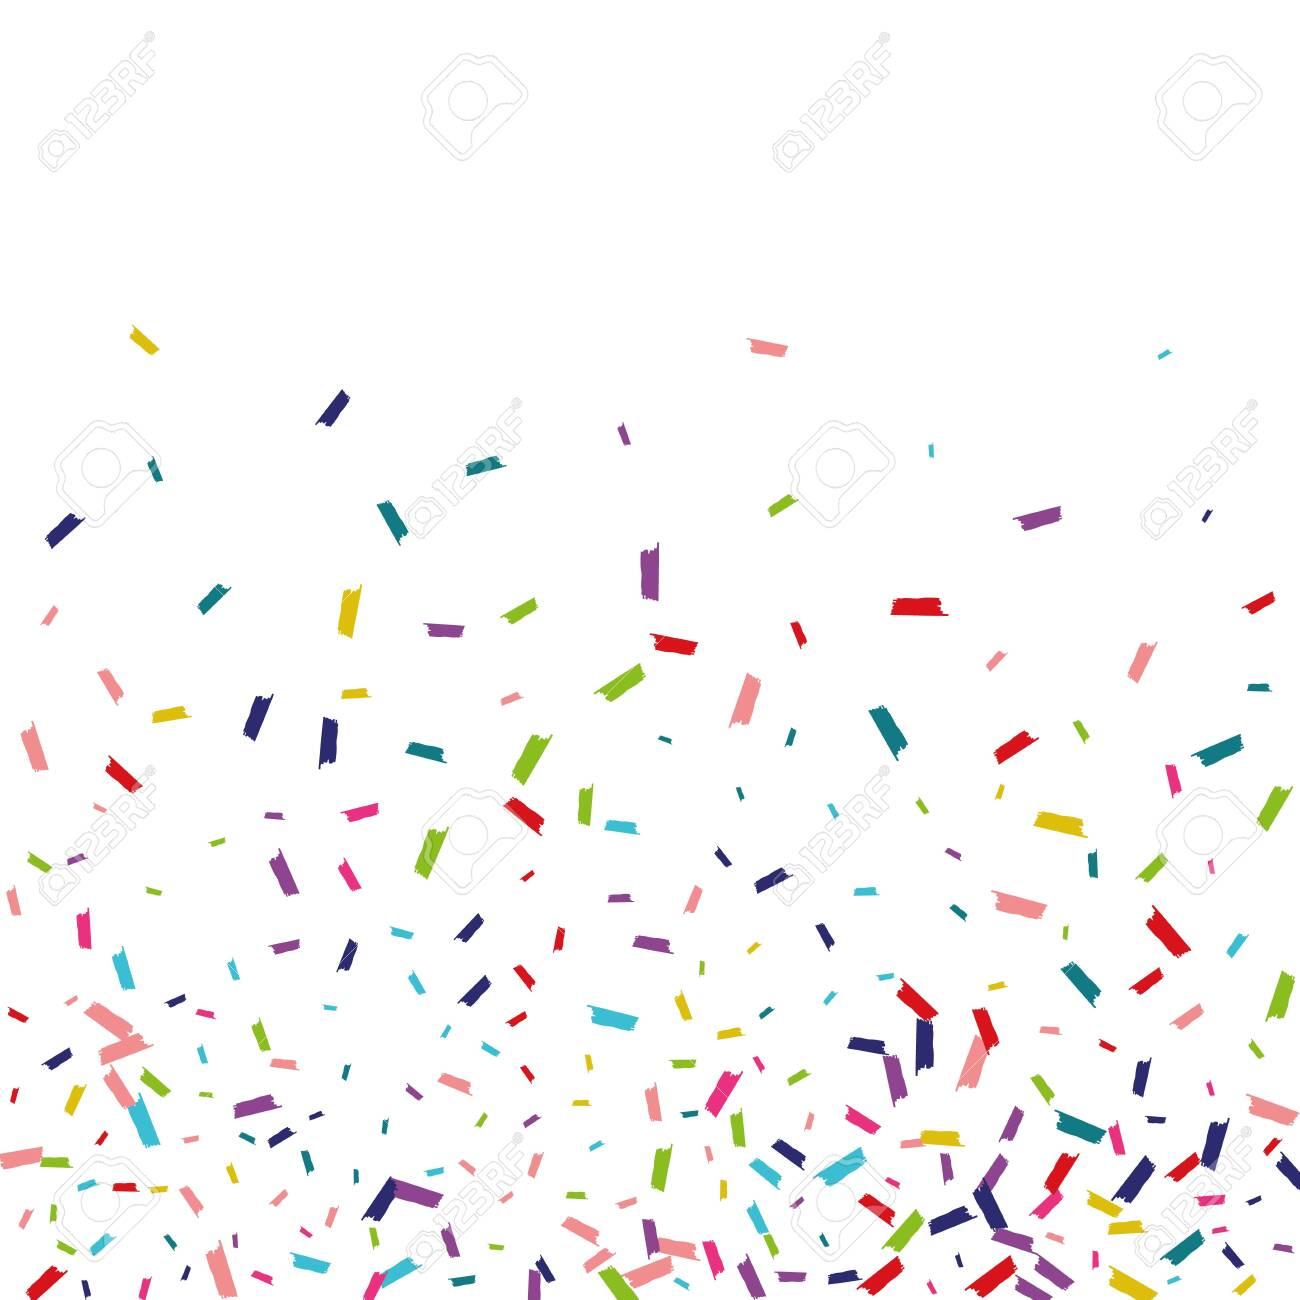 Rainbow Happy Round Wallpaper. Dust Banner. Splash Happy Invitation. Rainbow Happy Background. - 142894320